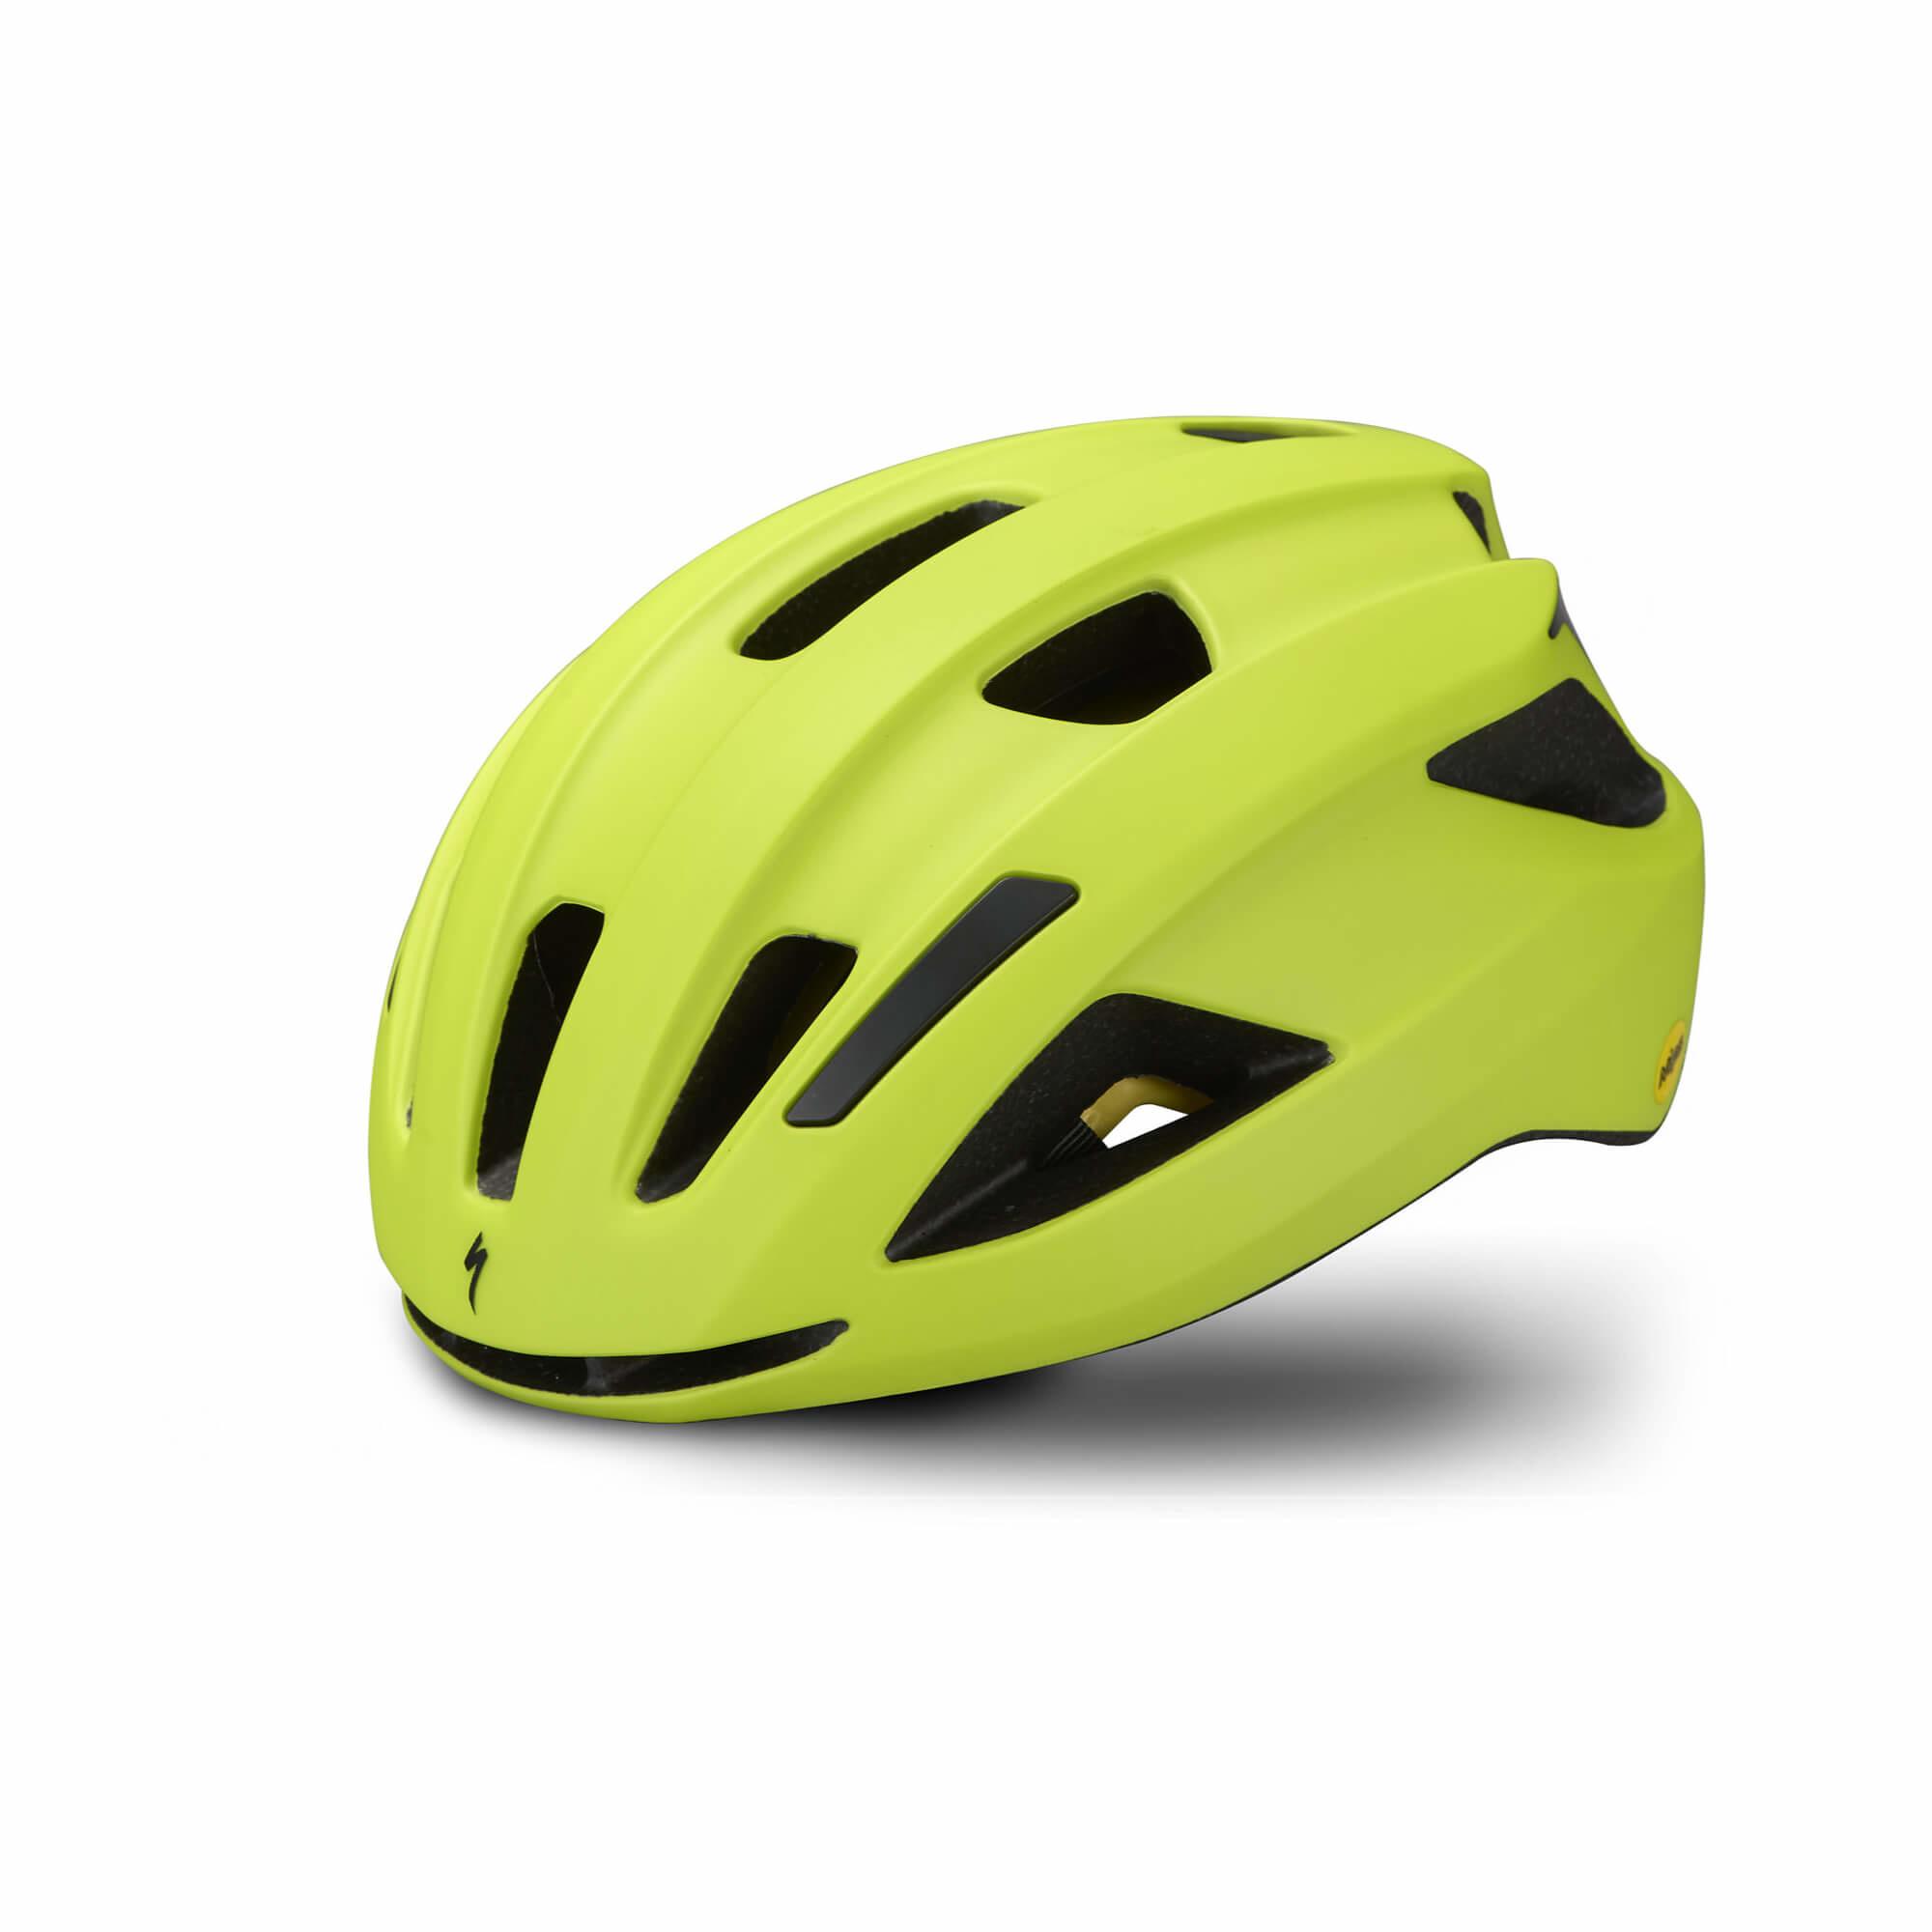 Align II Helmet Mips-6